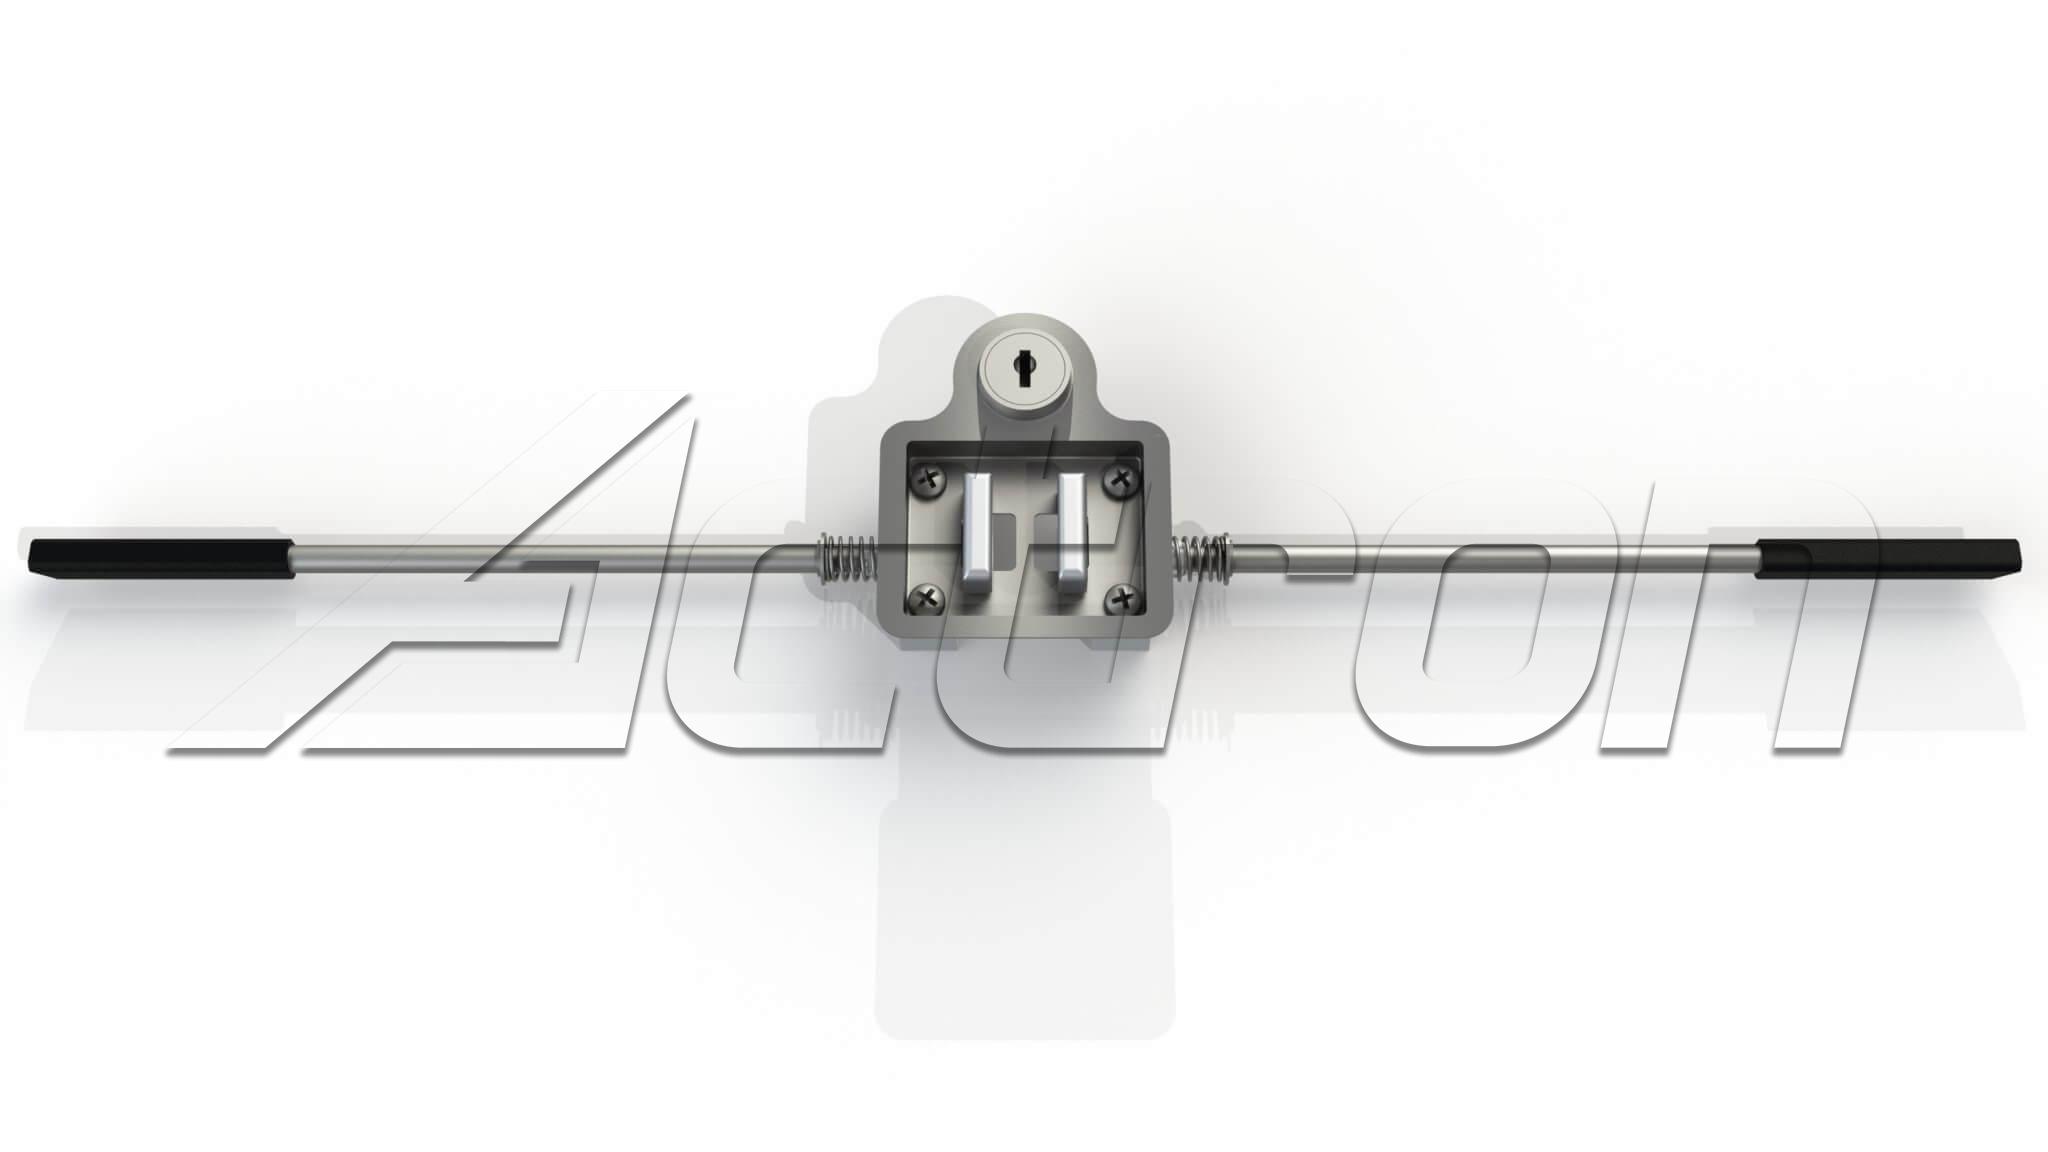 door-bolting-system-8211-sliding-4093-a39050.jpg